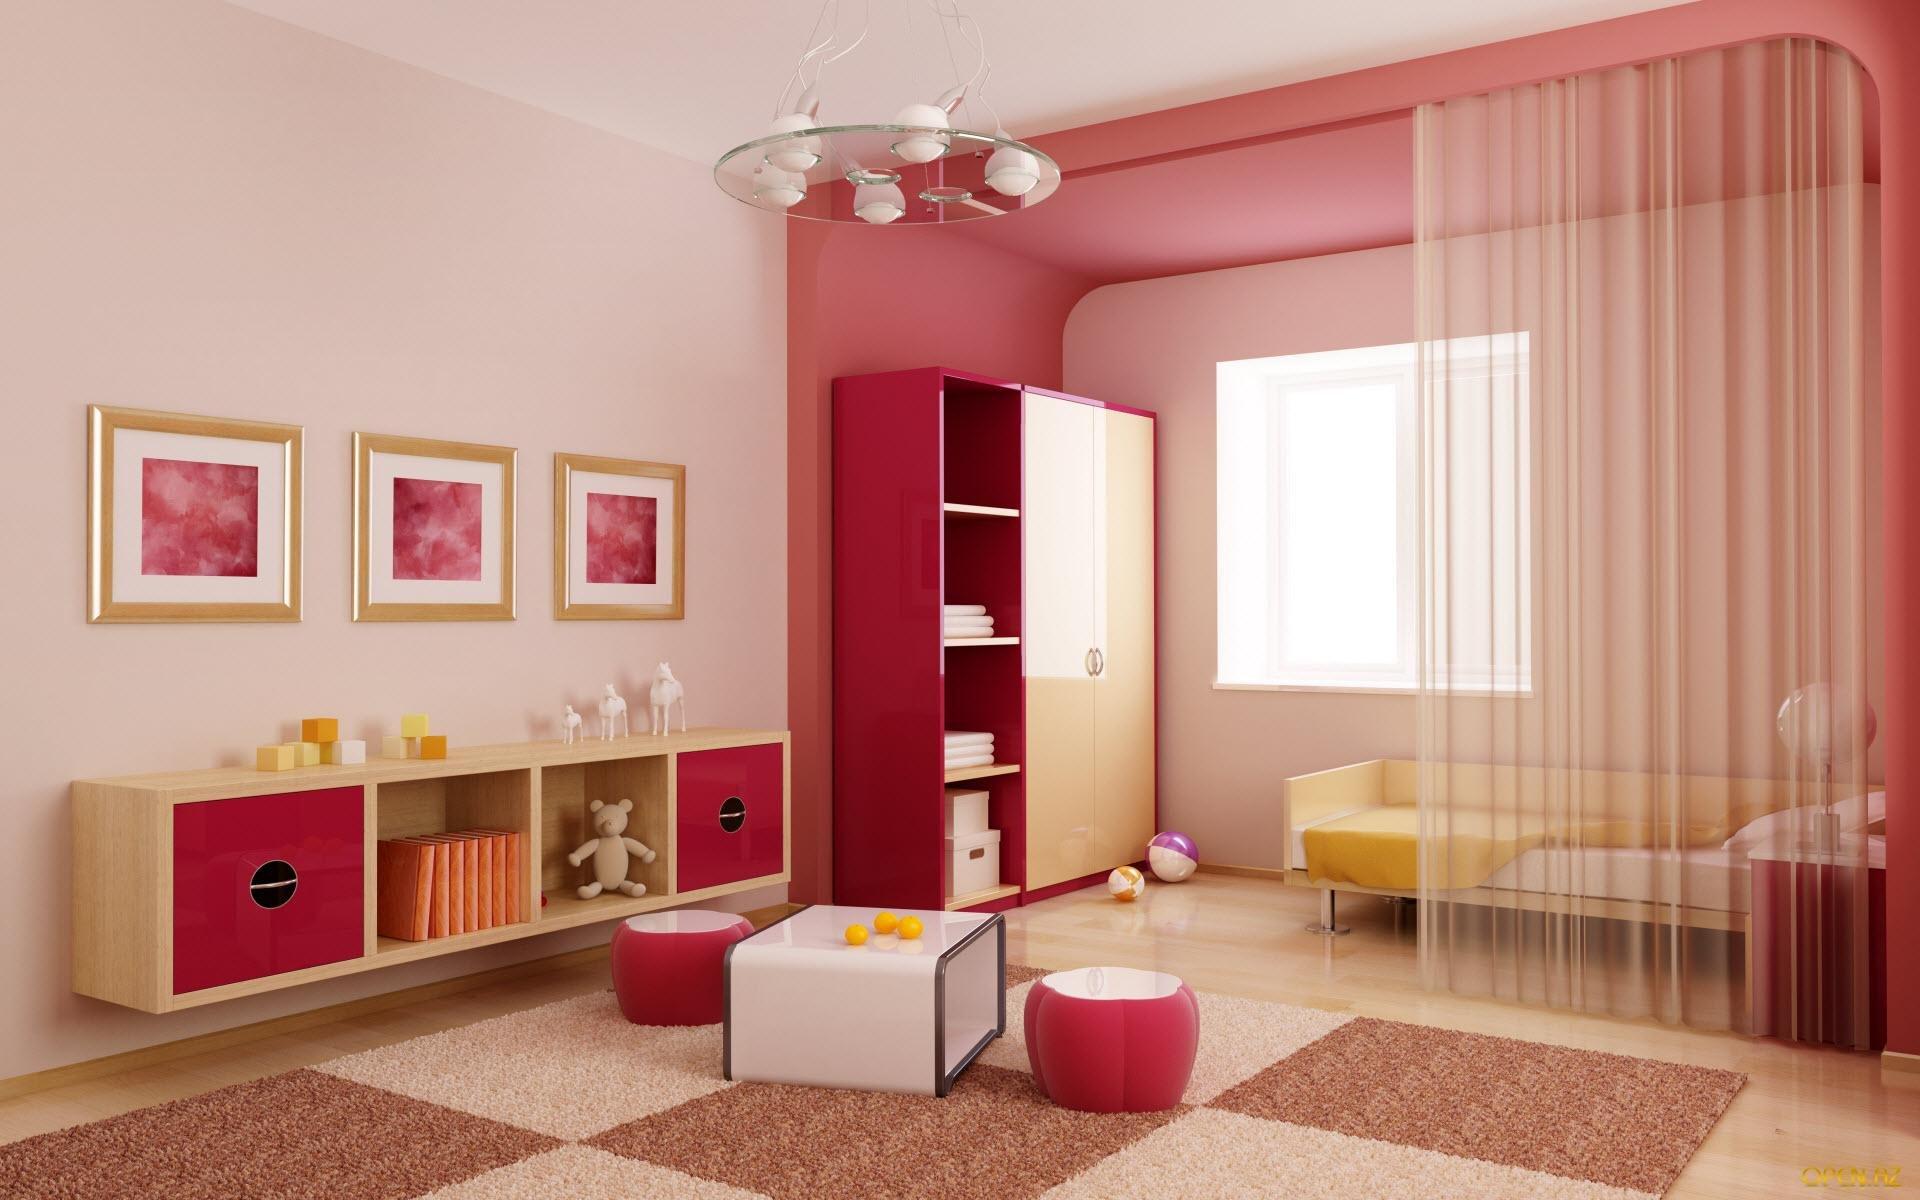 Дизайн комнат в картинках и фотографиях